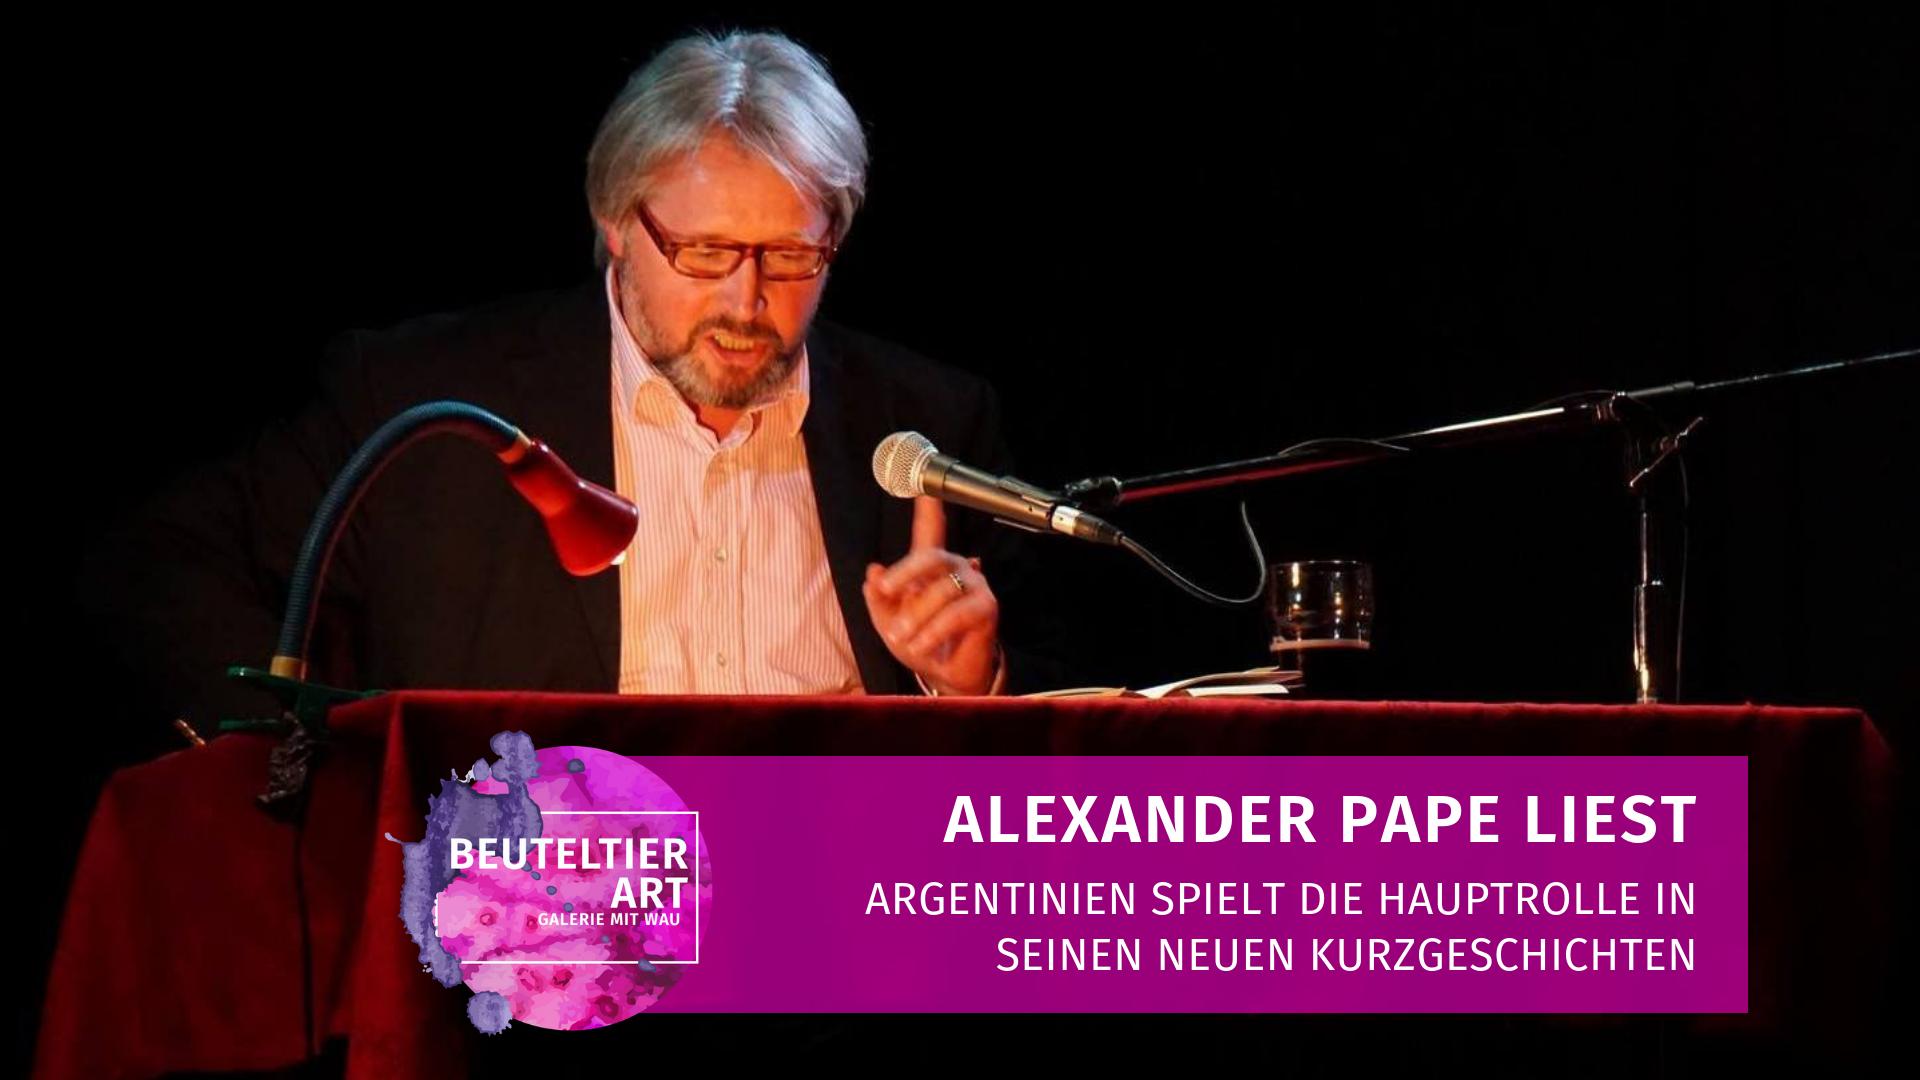 Alexander Pape liest Kurzgeschichten